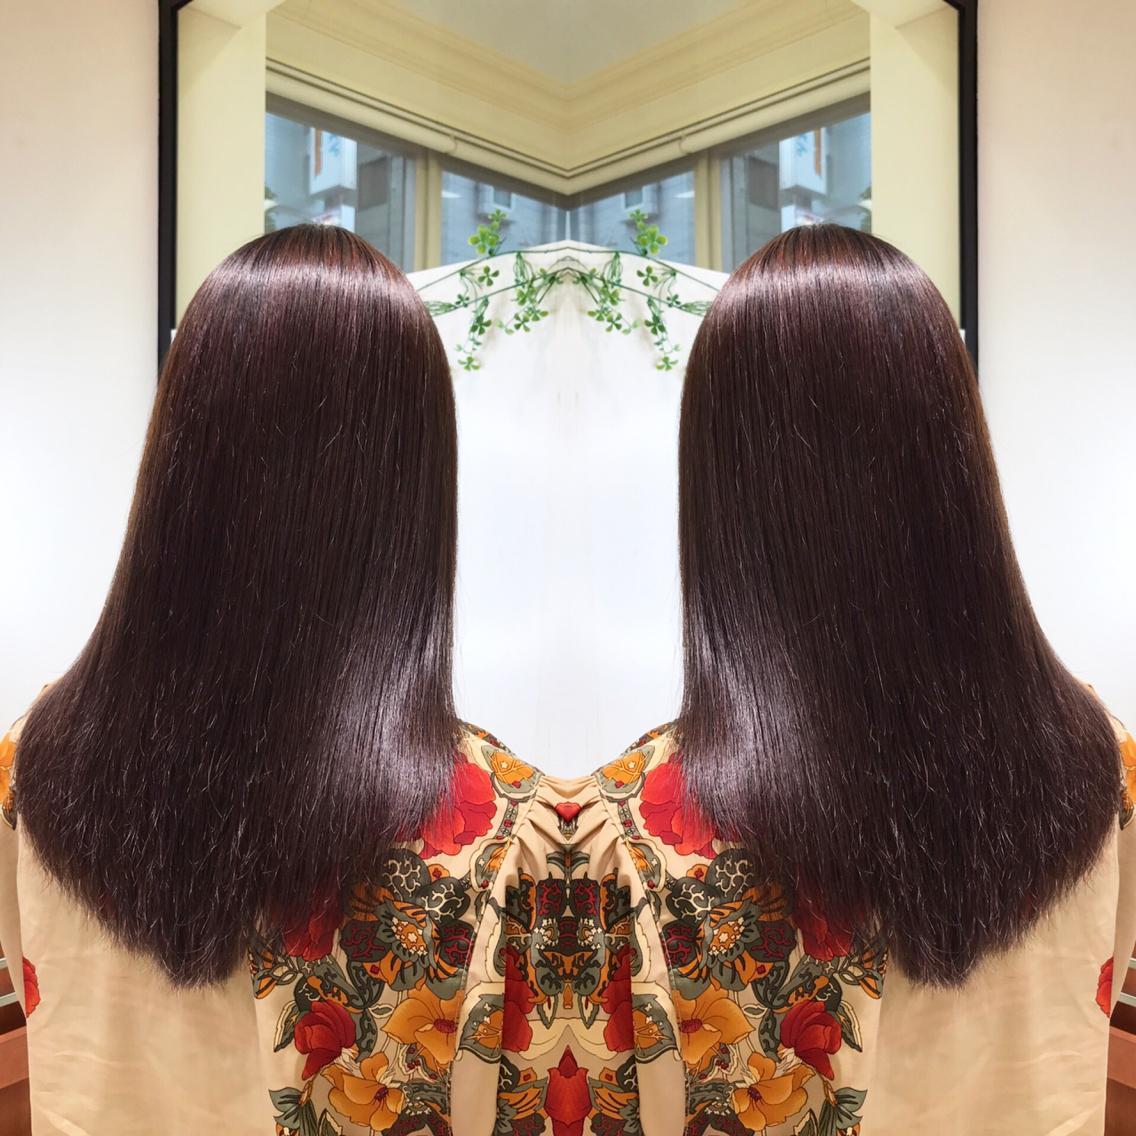 #ミディアム #パーマ 縮毛矯正でサラサラな髪へ💇✨